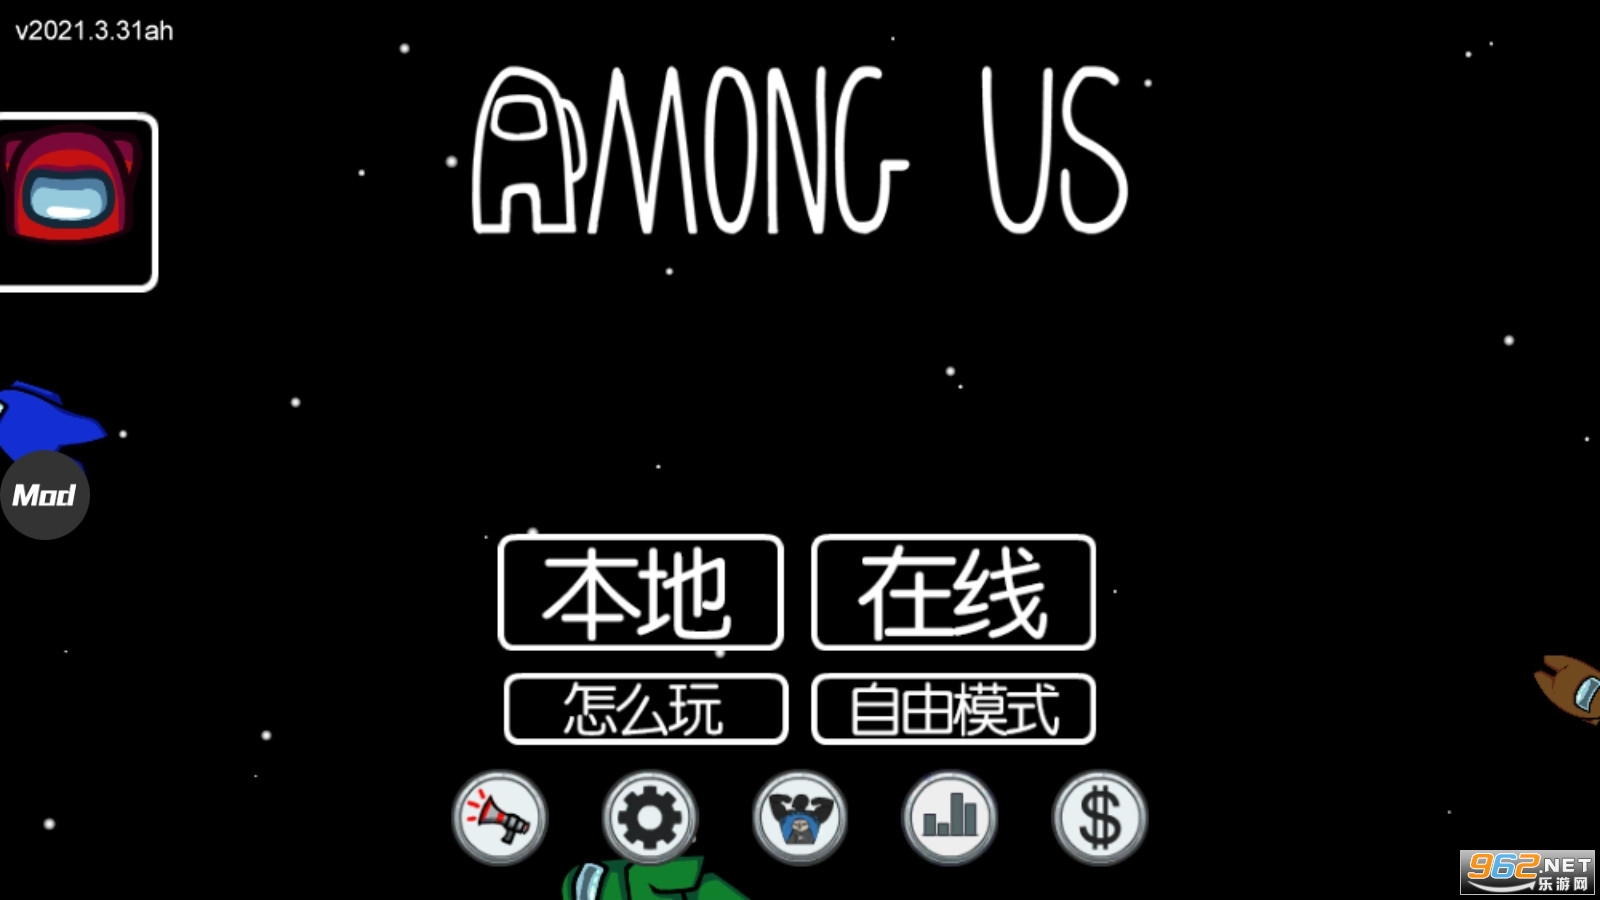 among us飞船版v2021.3.31 内置菜单截图0